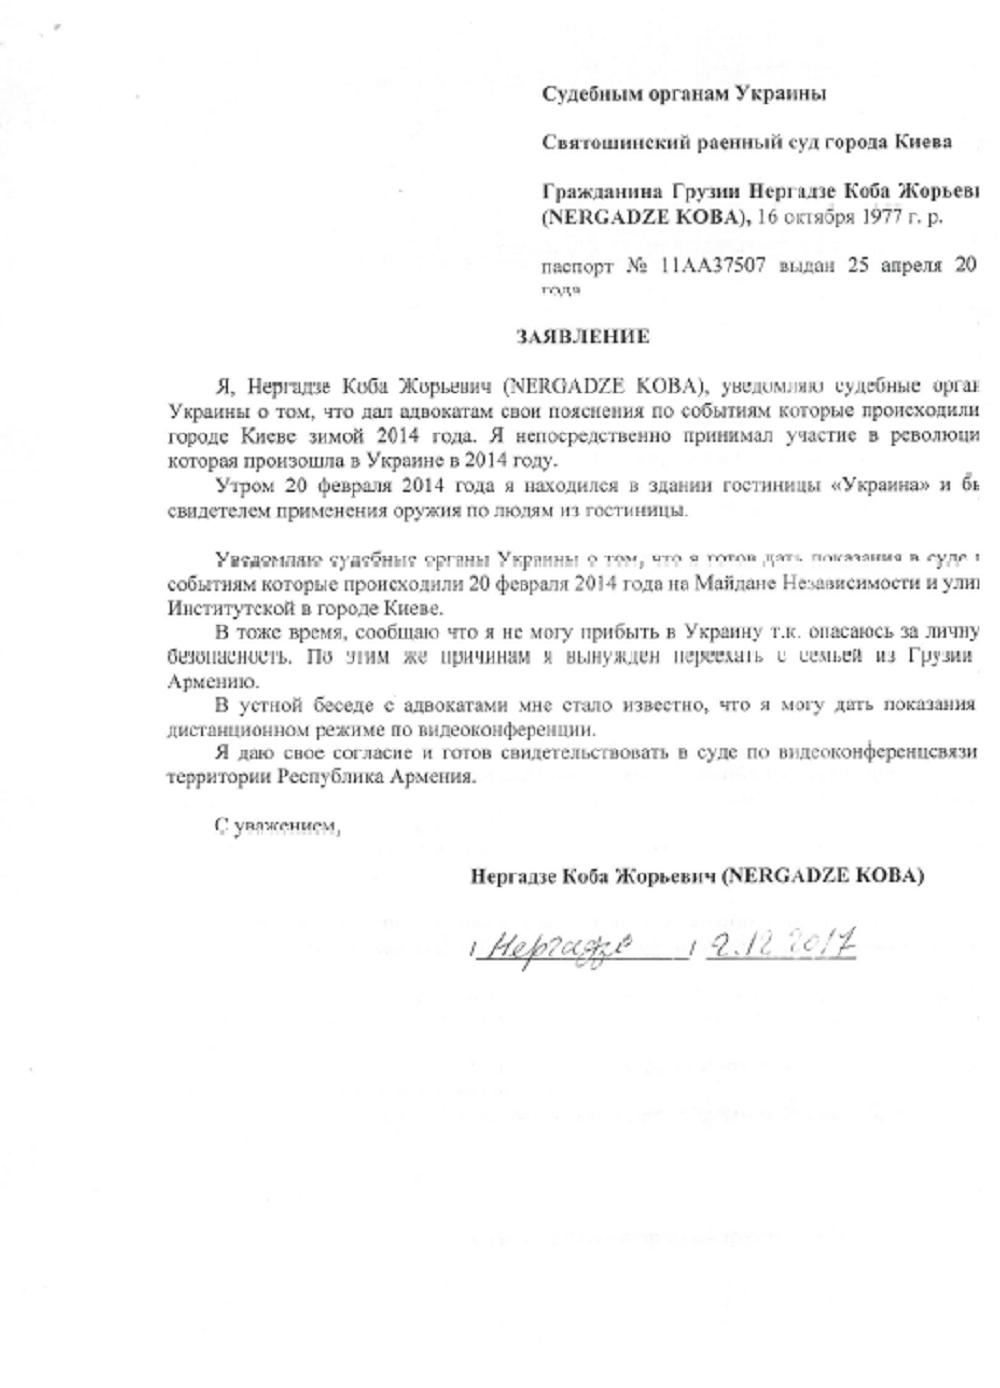 """科巴·涅尔佳杰对辩护律师提供的证词。涅尔佳杰说,他愿意在法院为此作证,但不是在乌克兰,原因是同样为自己的性命担忧。""""在乌克兰作证很危险。他说。涅尔佳杰携家人从格鲁吉亚迁居亚美尼亚。"""